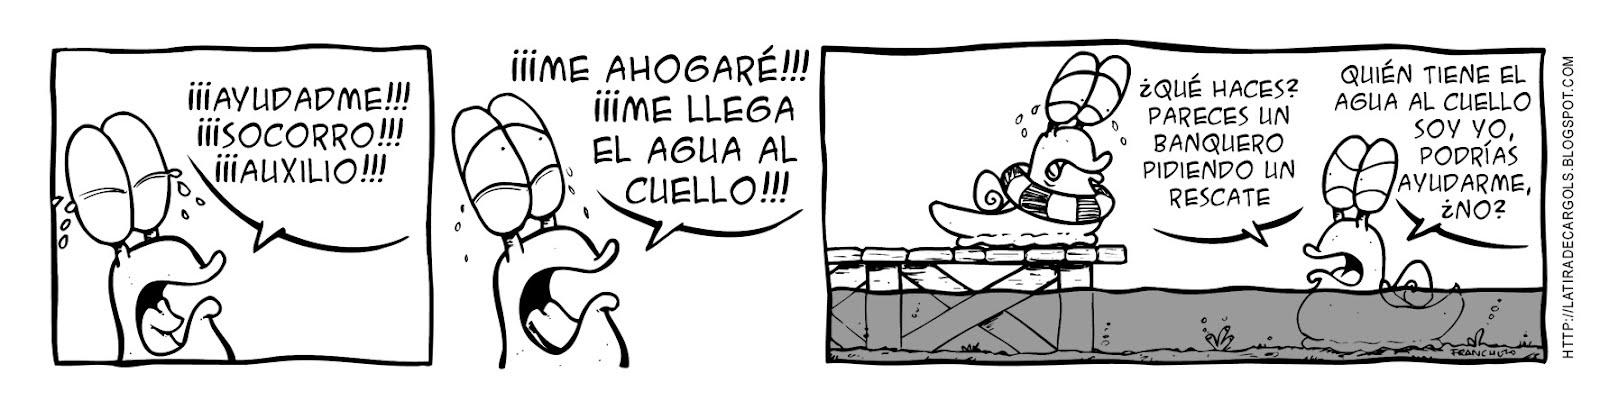 Tira comica 127 del webcomic Cargols del dibujante Franchu de Barcelona